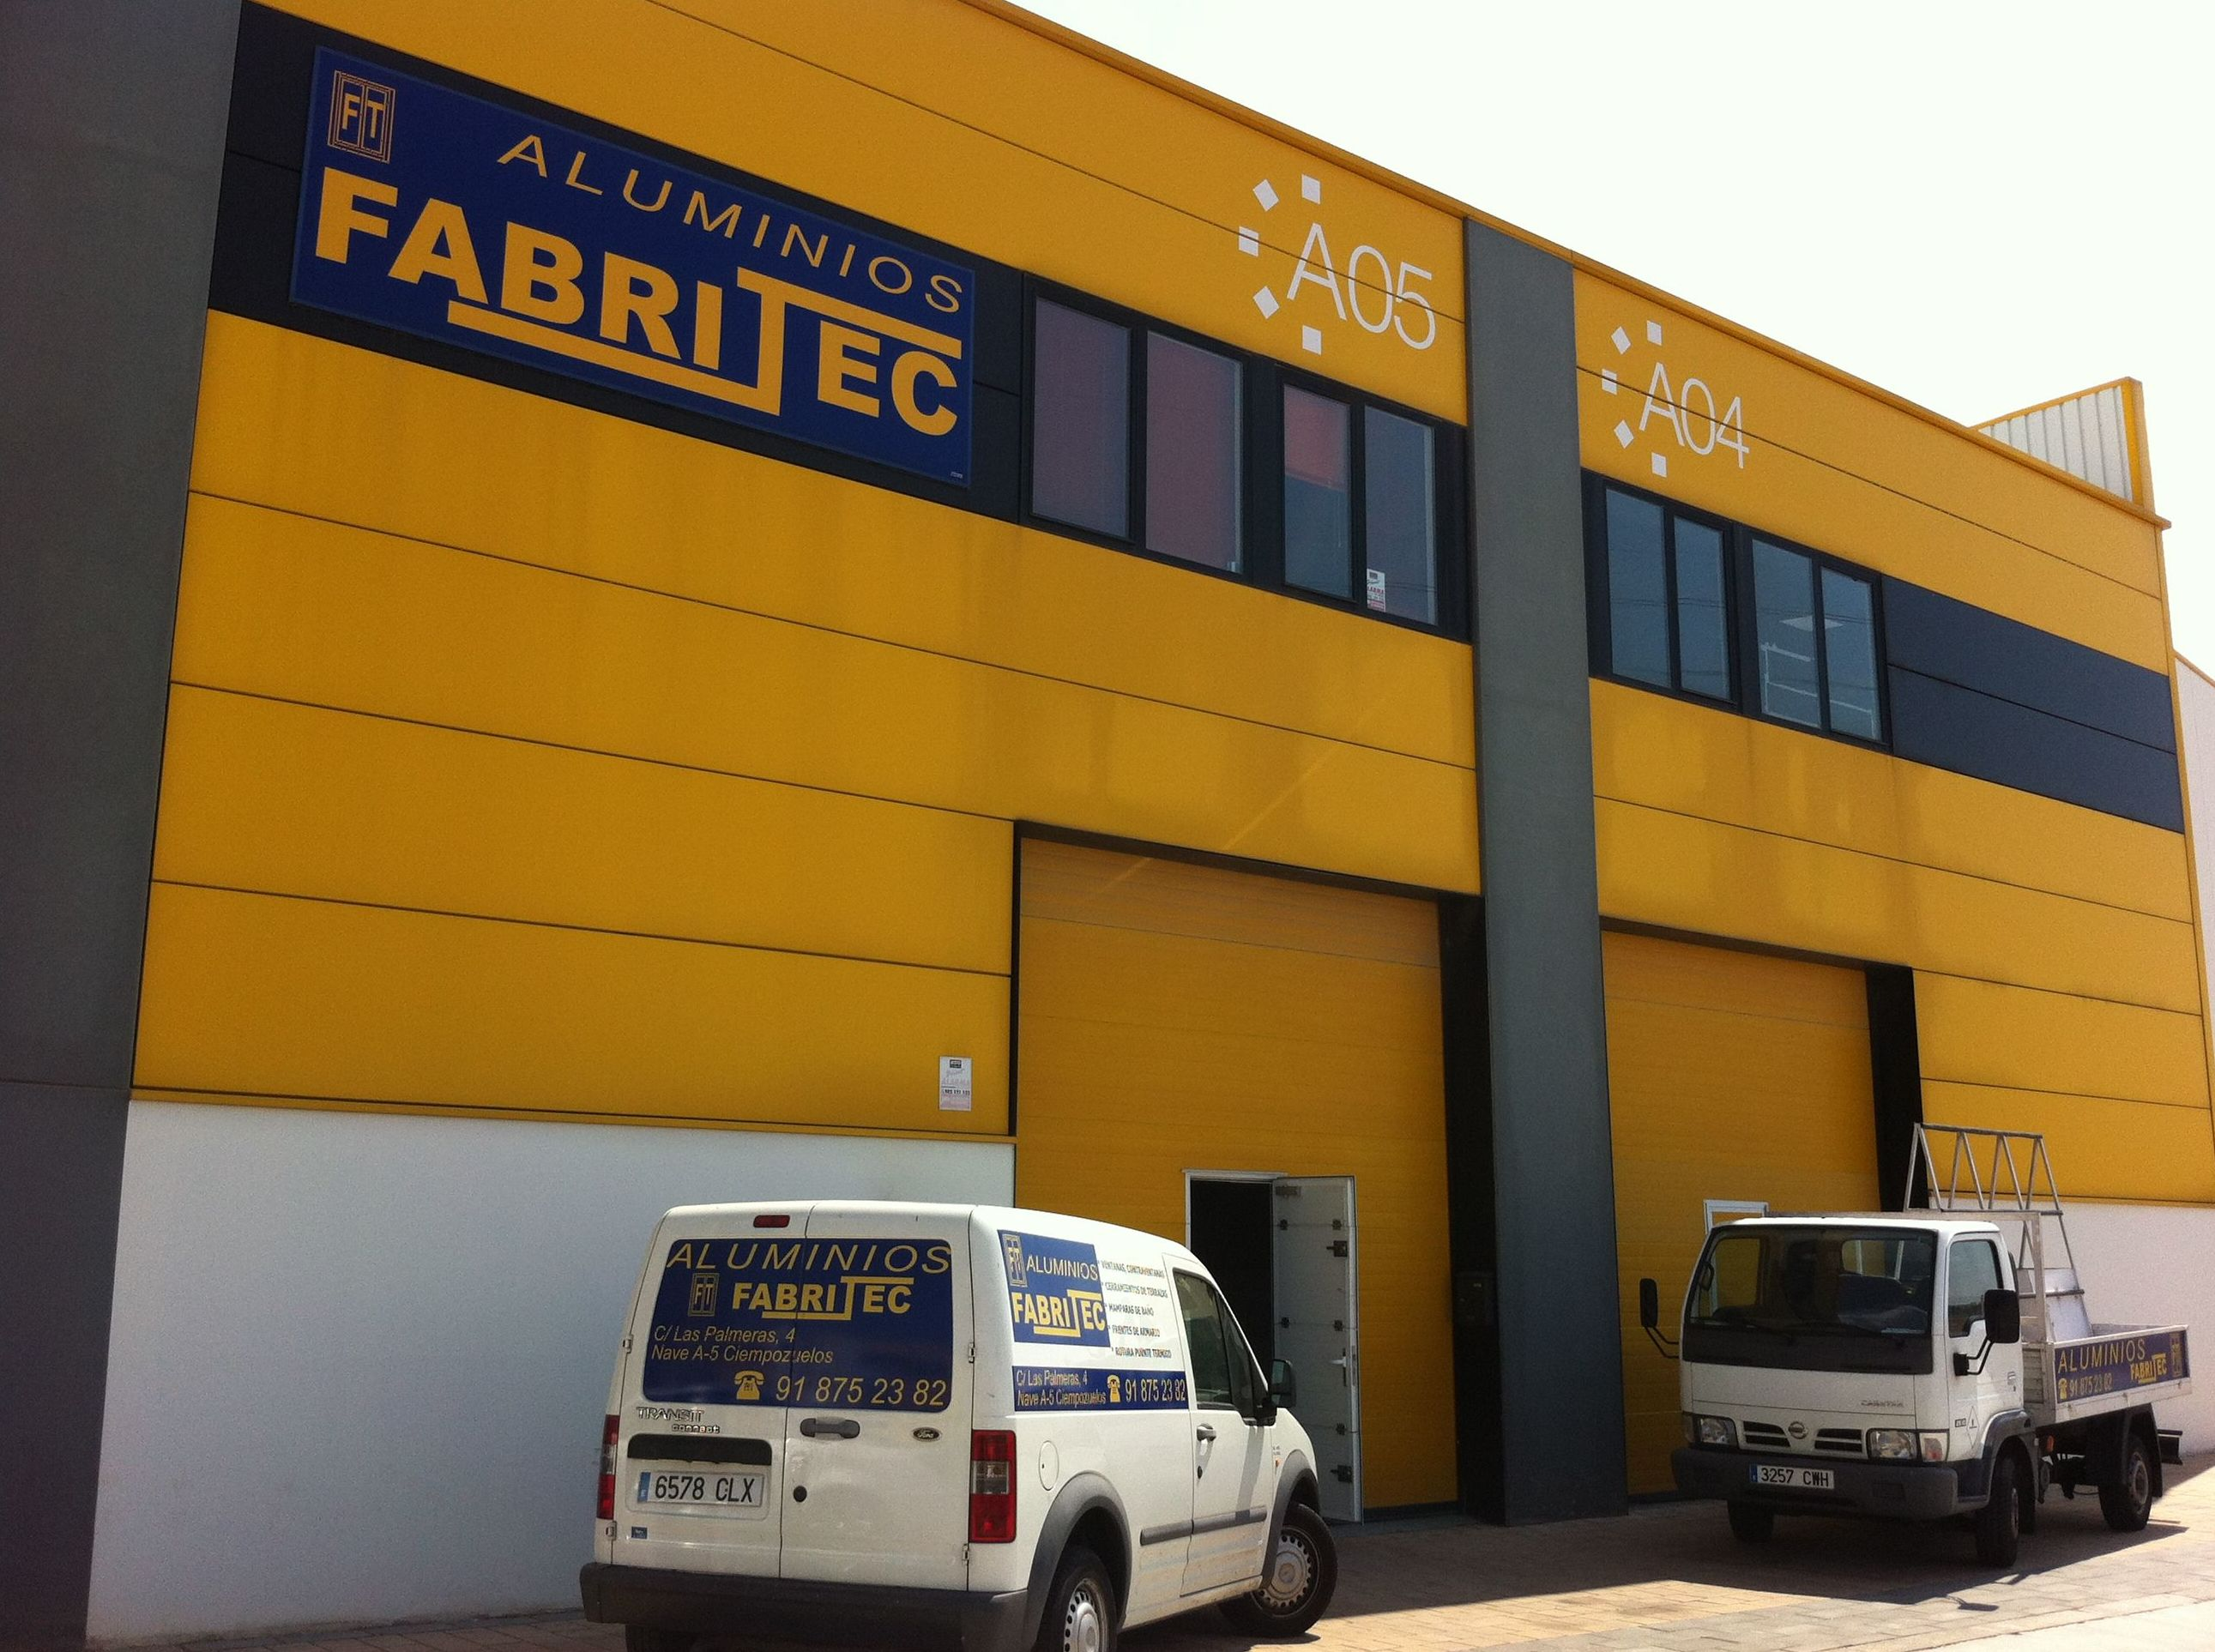 Empresa especializada en fabricación a a medida de ventanas de aluminio y carpintería de aluminio